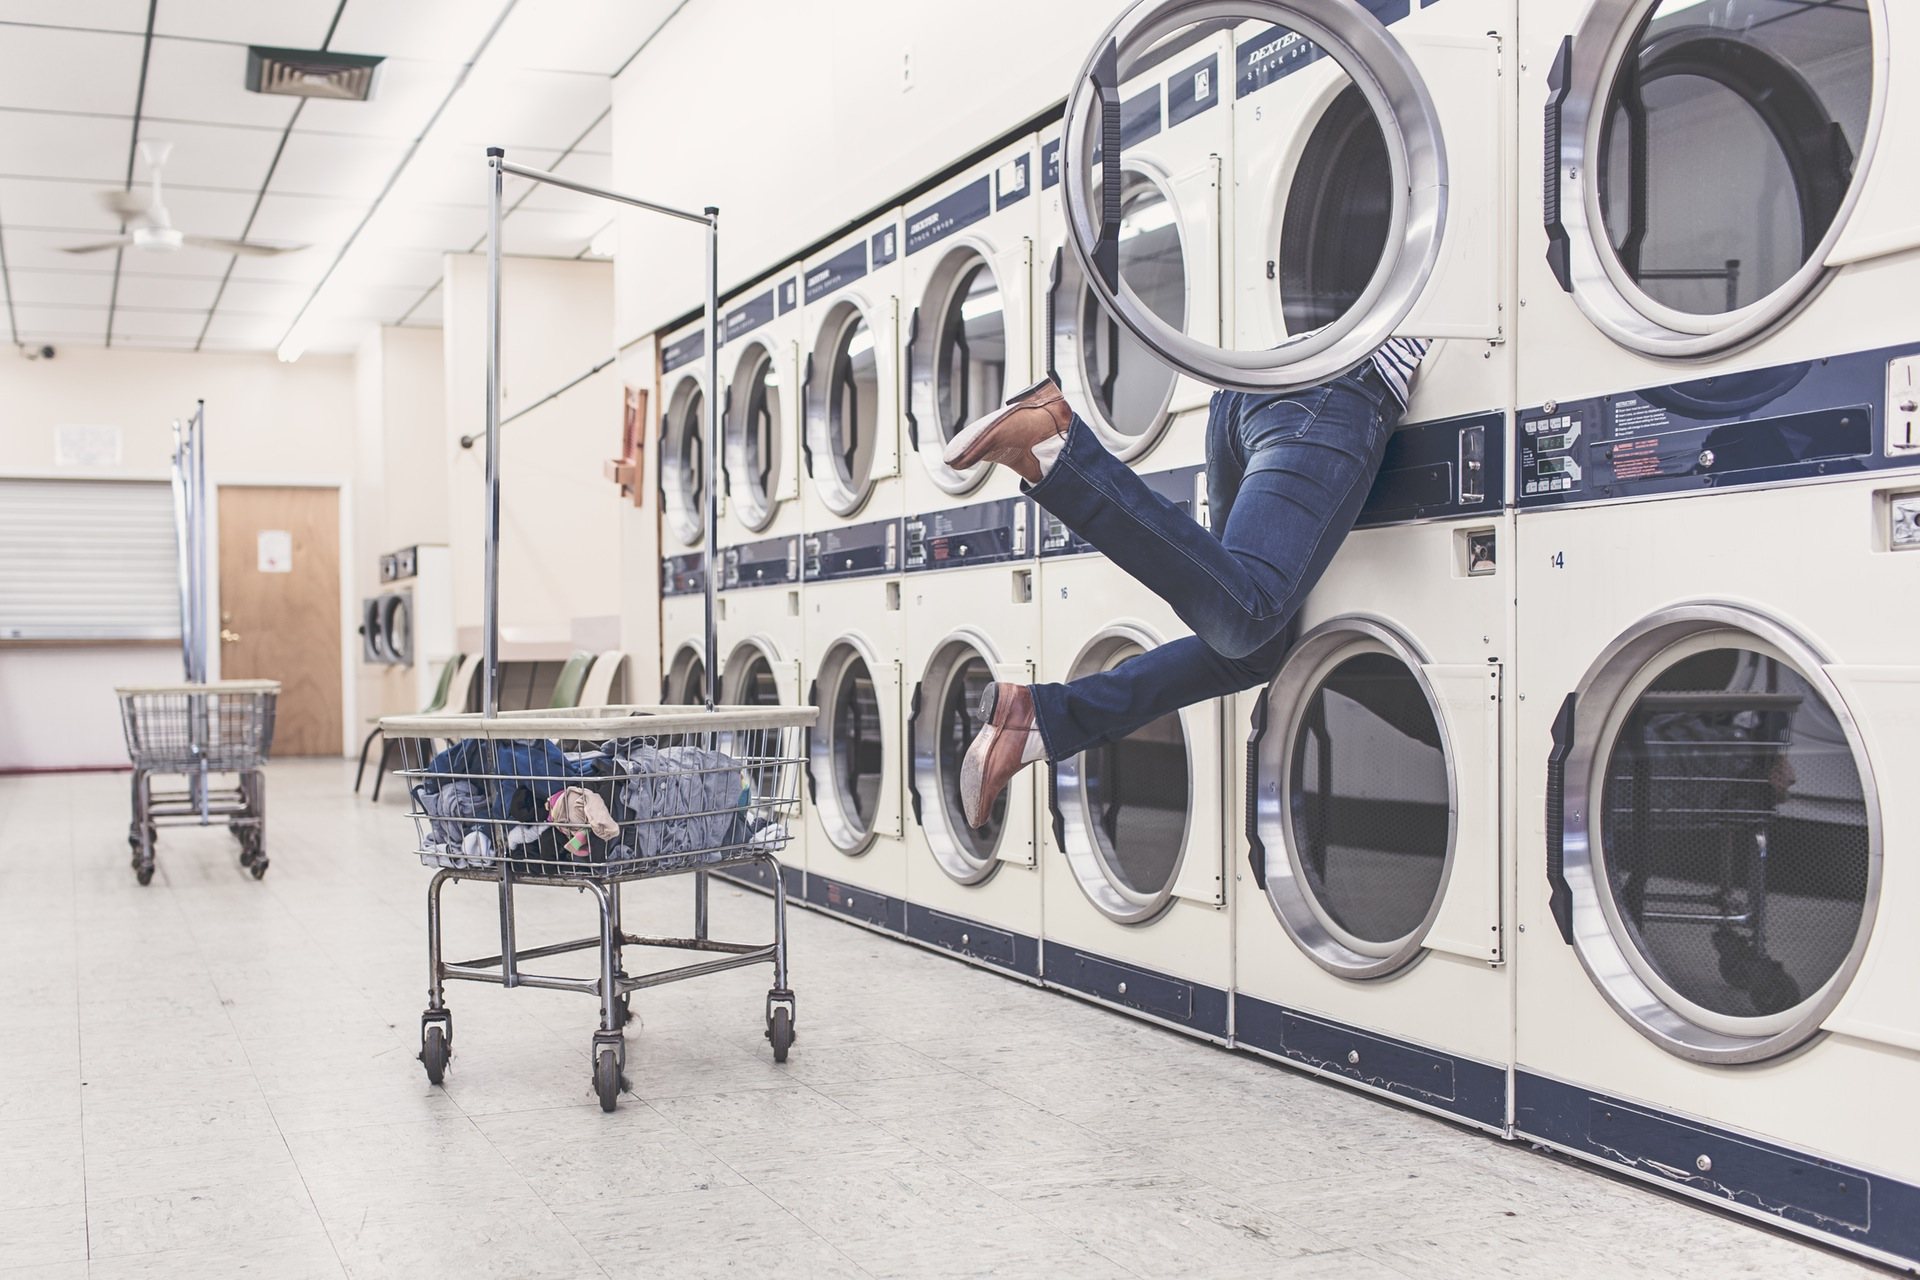 πρόσωπο, lavadora, είδπλυντήριο ρούχωνσης, lavandería, Αναζήτηση, διασκέδαση, Καθαρισμός - Wallpapers HD - Professor-falken.com